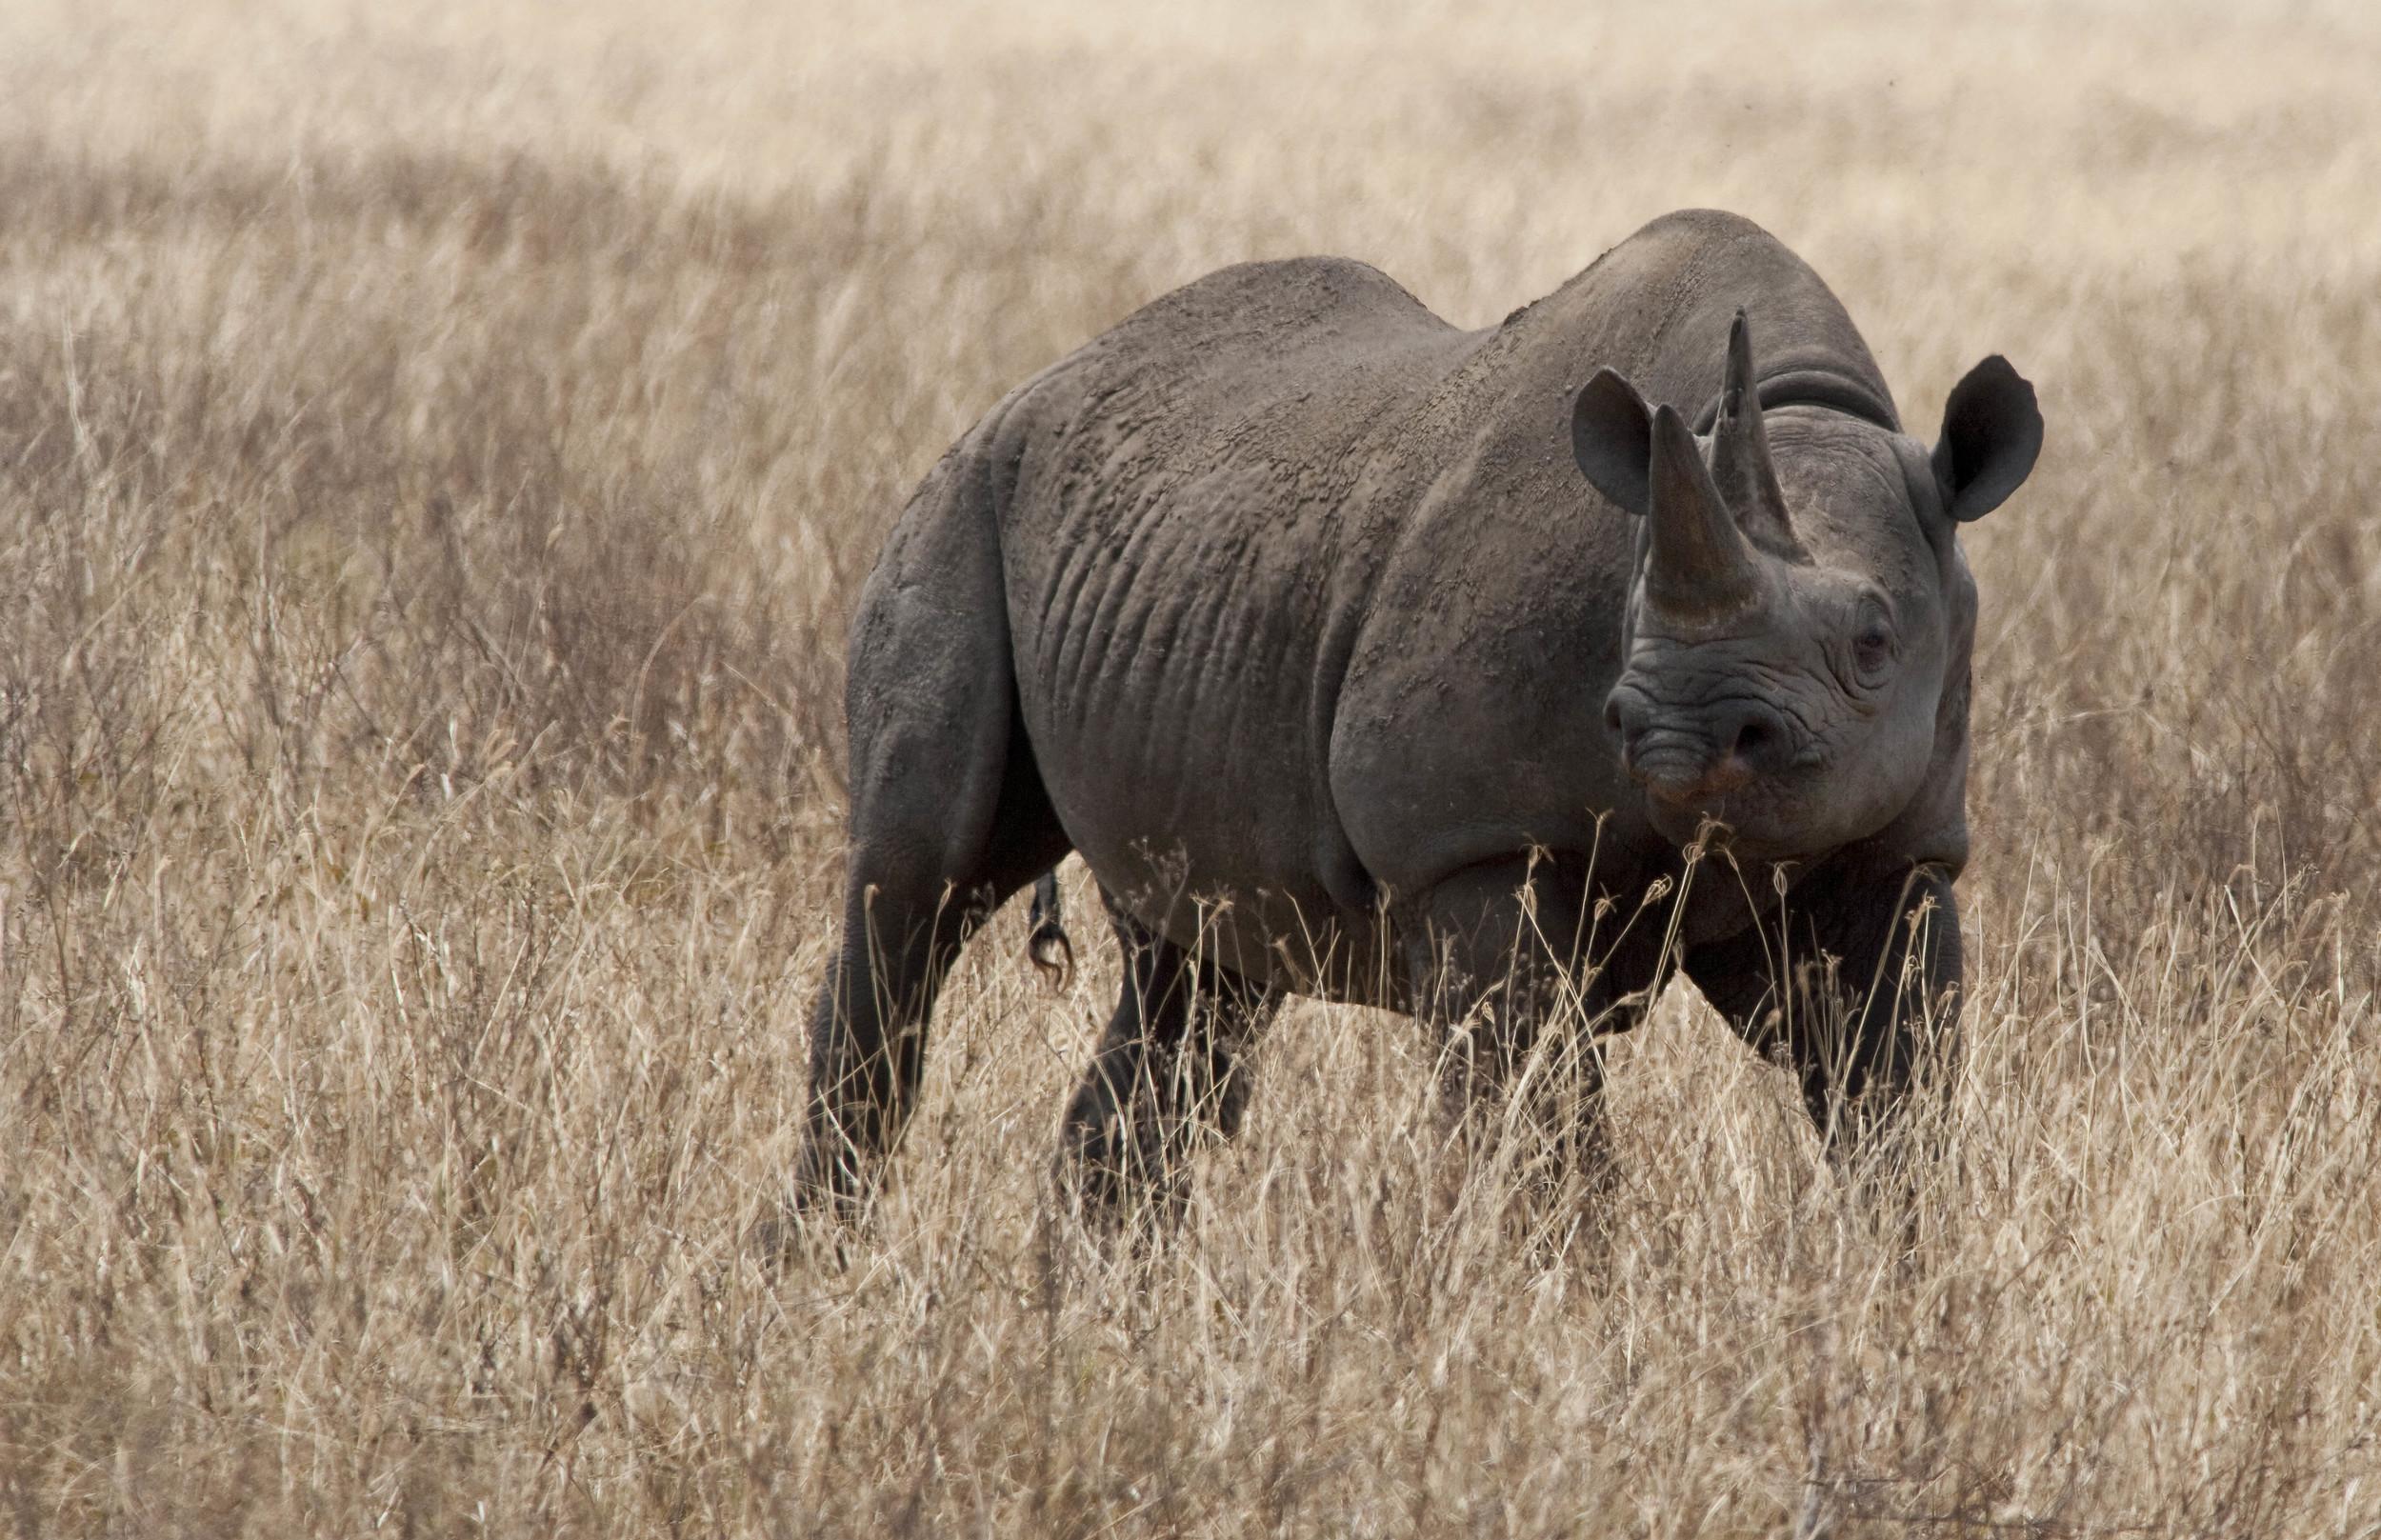 Rhino Tanzania